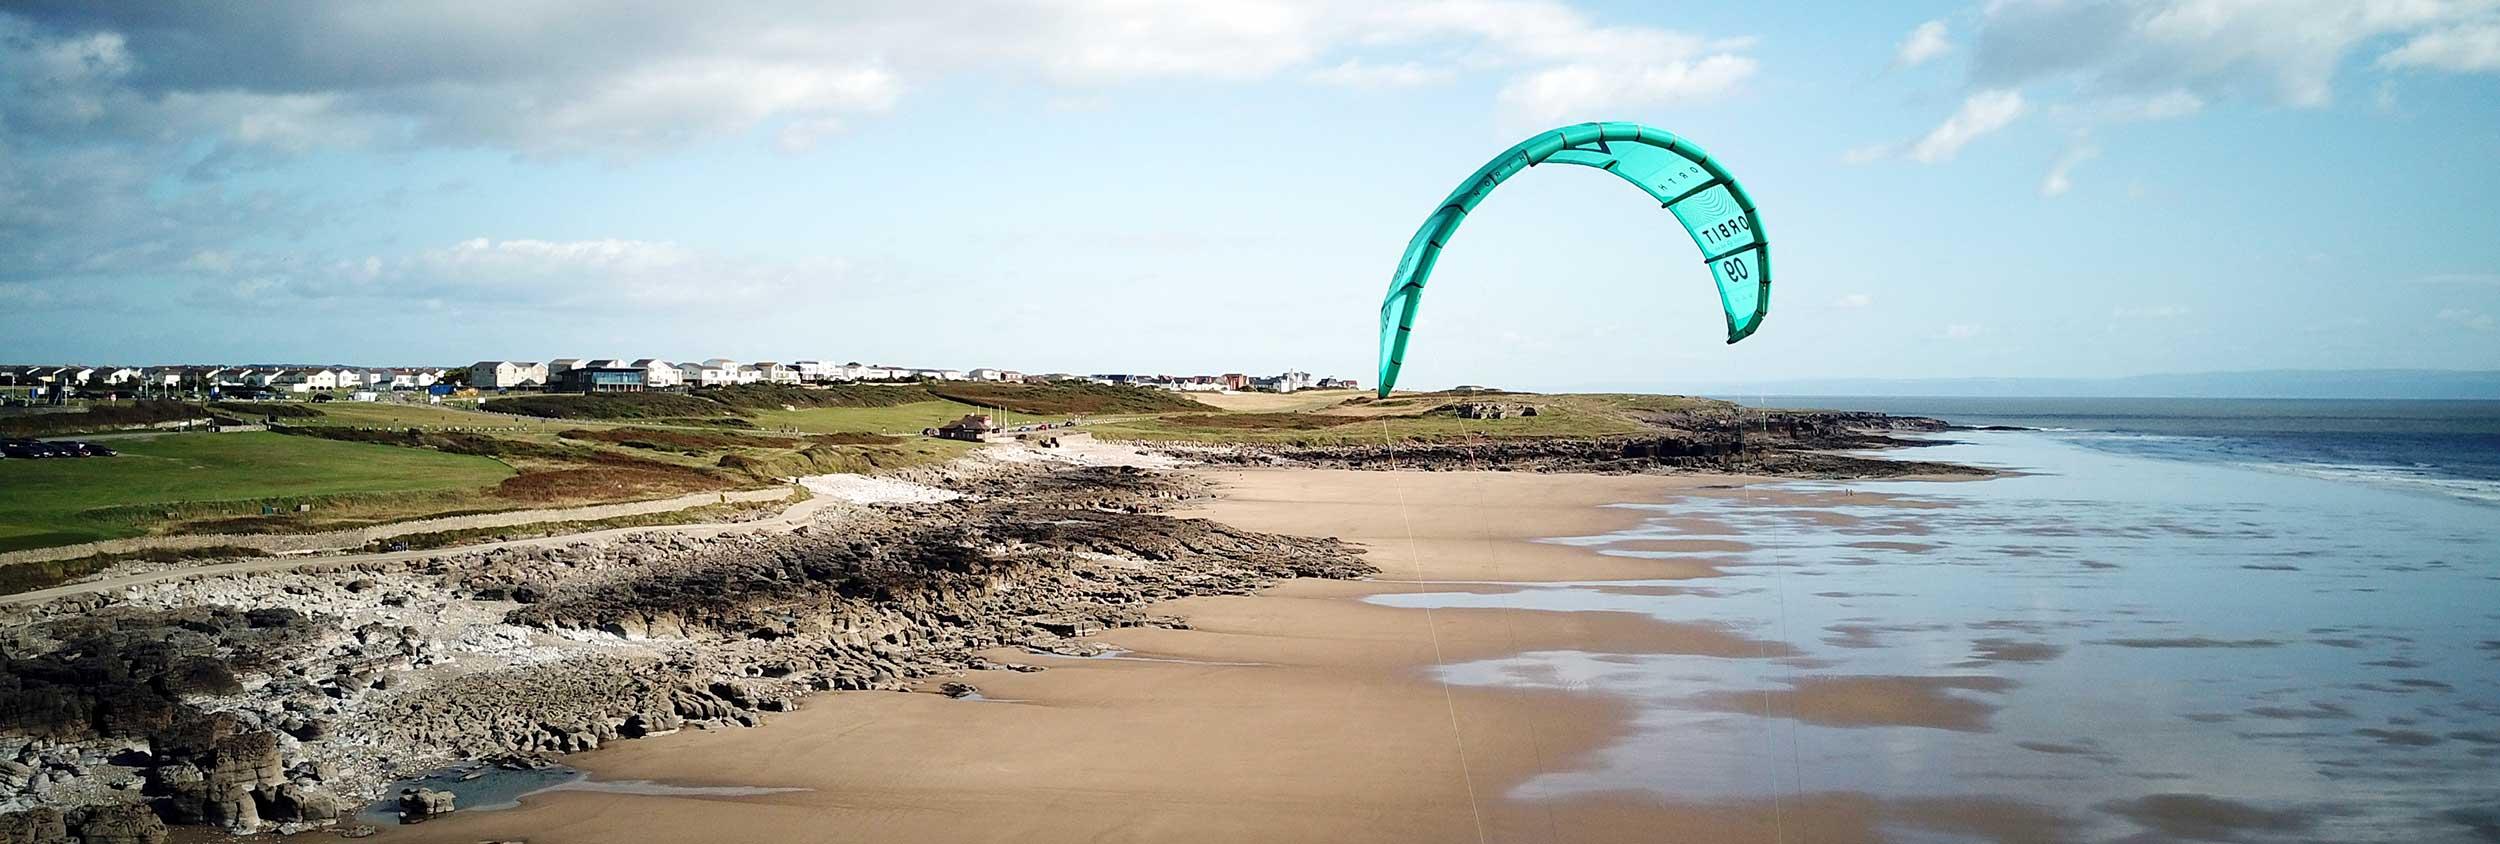 Rest Bay Kitesurfing spot in South Wales